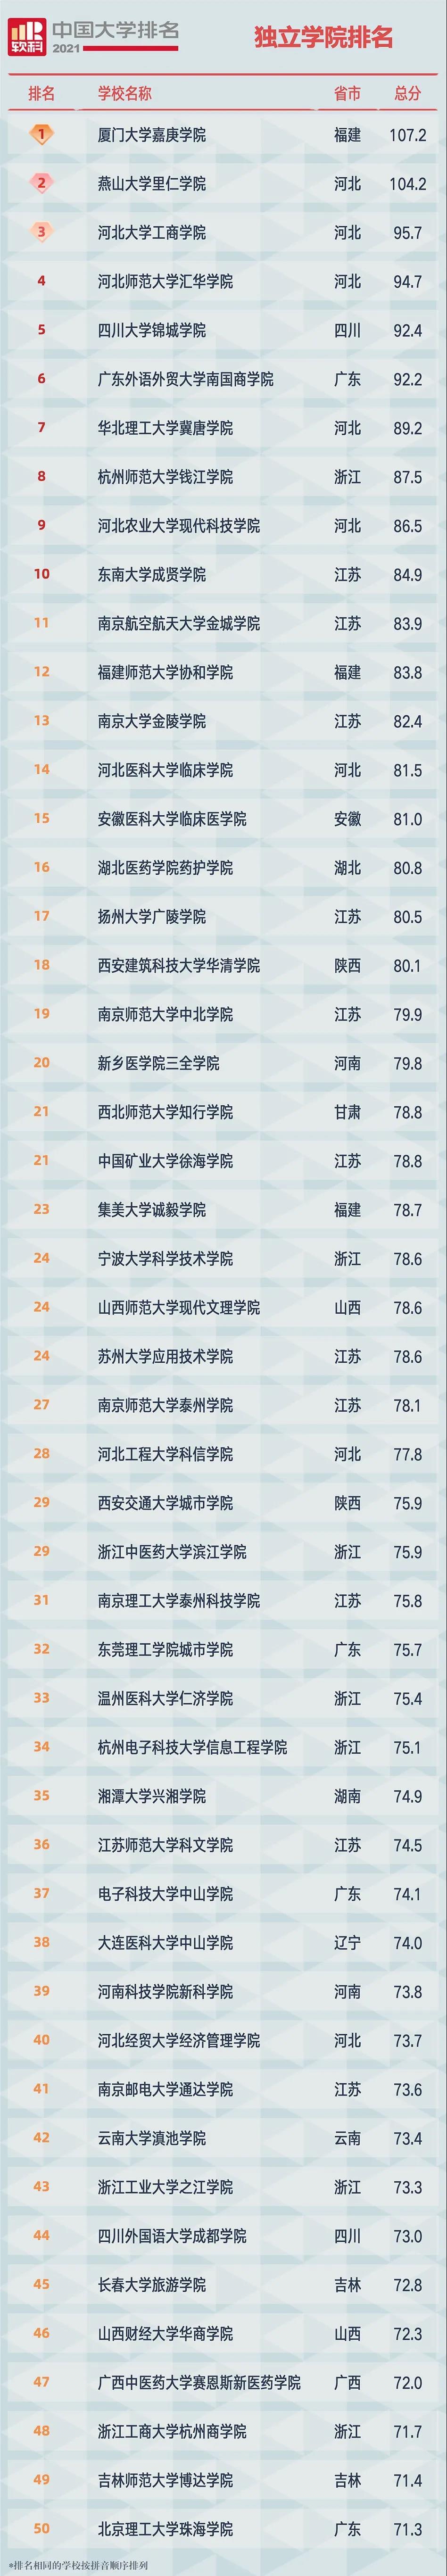 2021软科中国独立学院排名1